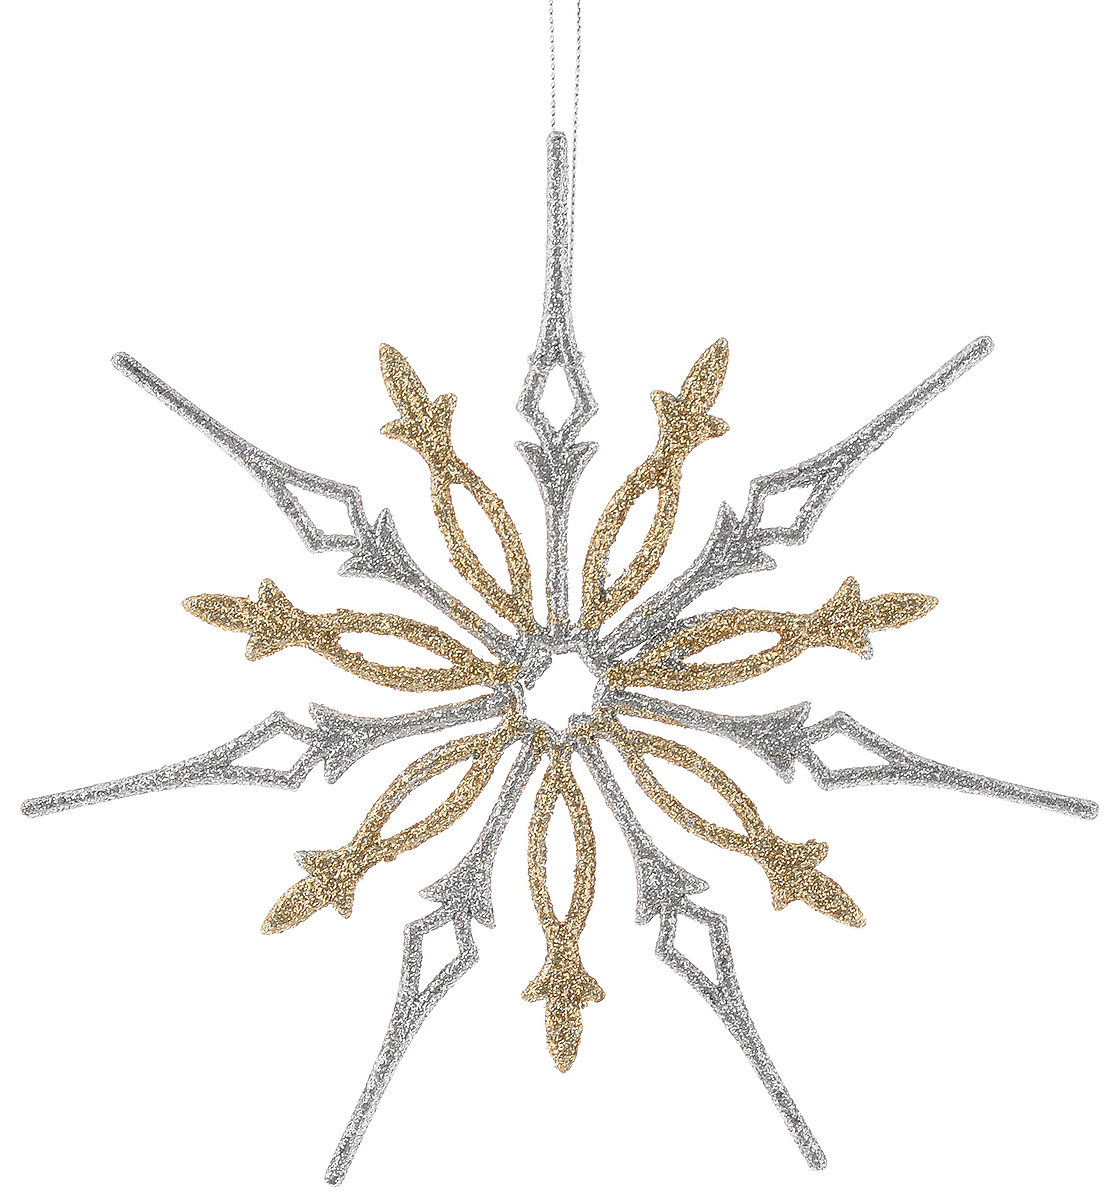 Украшение новогоднее подвесное Magic Time Снежинка в бело-золотом глиттере, диаметр 18 см38719Новогоднее украшение Magic Time Снежинка в бело-золотом глиттере отлично подойдет для декорации вашего дома и новогодней ели. Изделие, выполненное из пластика, декорировано серебристым и золотистым глиттером и оснащено специальной петелькой для подвешивания.Елочная игрушка - символ Нового года. Она несет в себе волшебство и красоту праздника. Создайте в своем доме атмосферу веселья и радости, украшая всей семьей новогоднюю елку нарядными игрушками, которые будут из года в год накапливать теплоту воспоминаний.